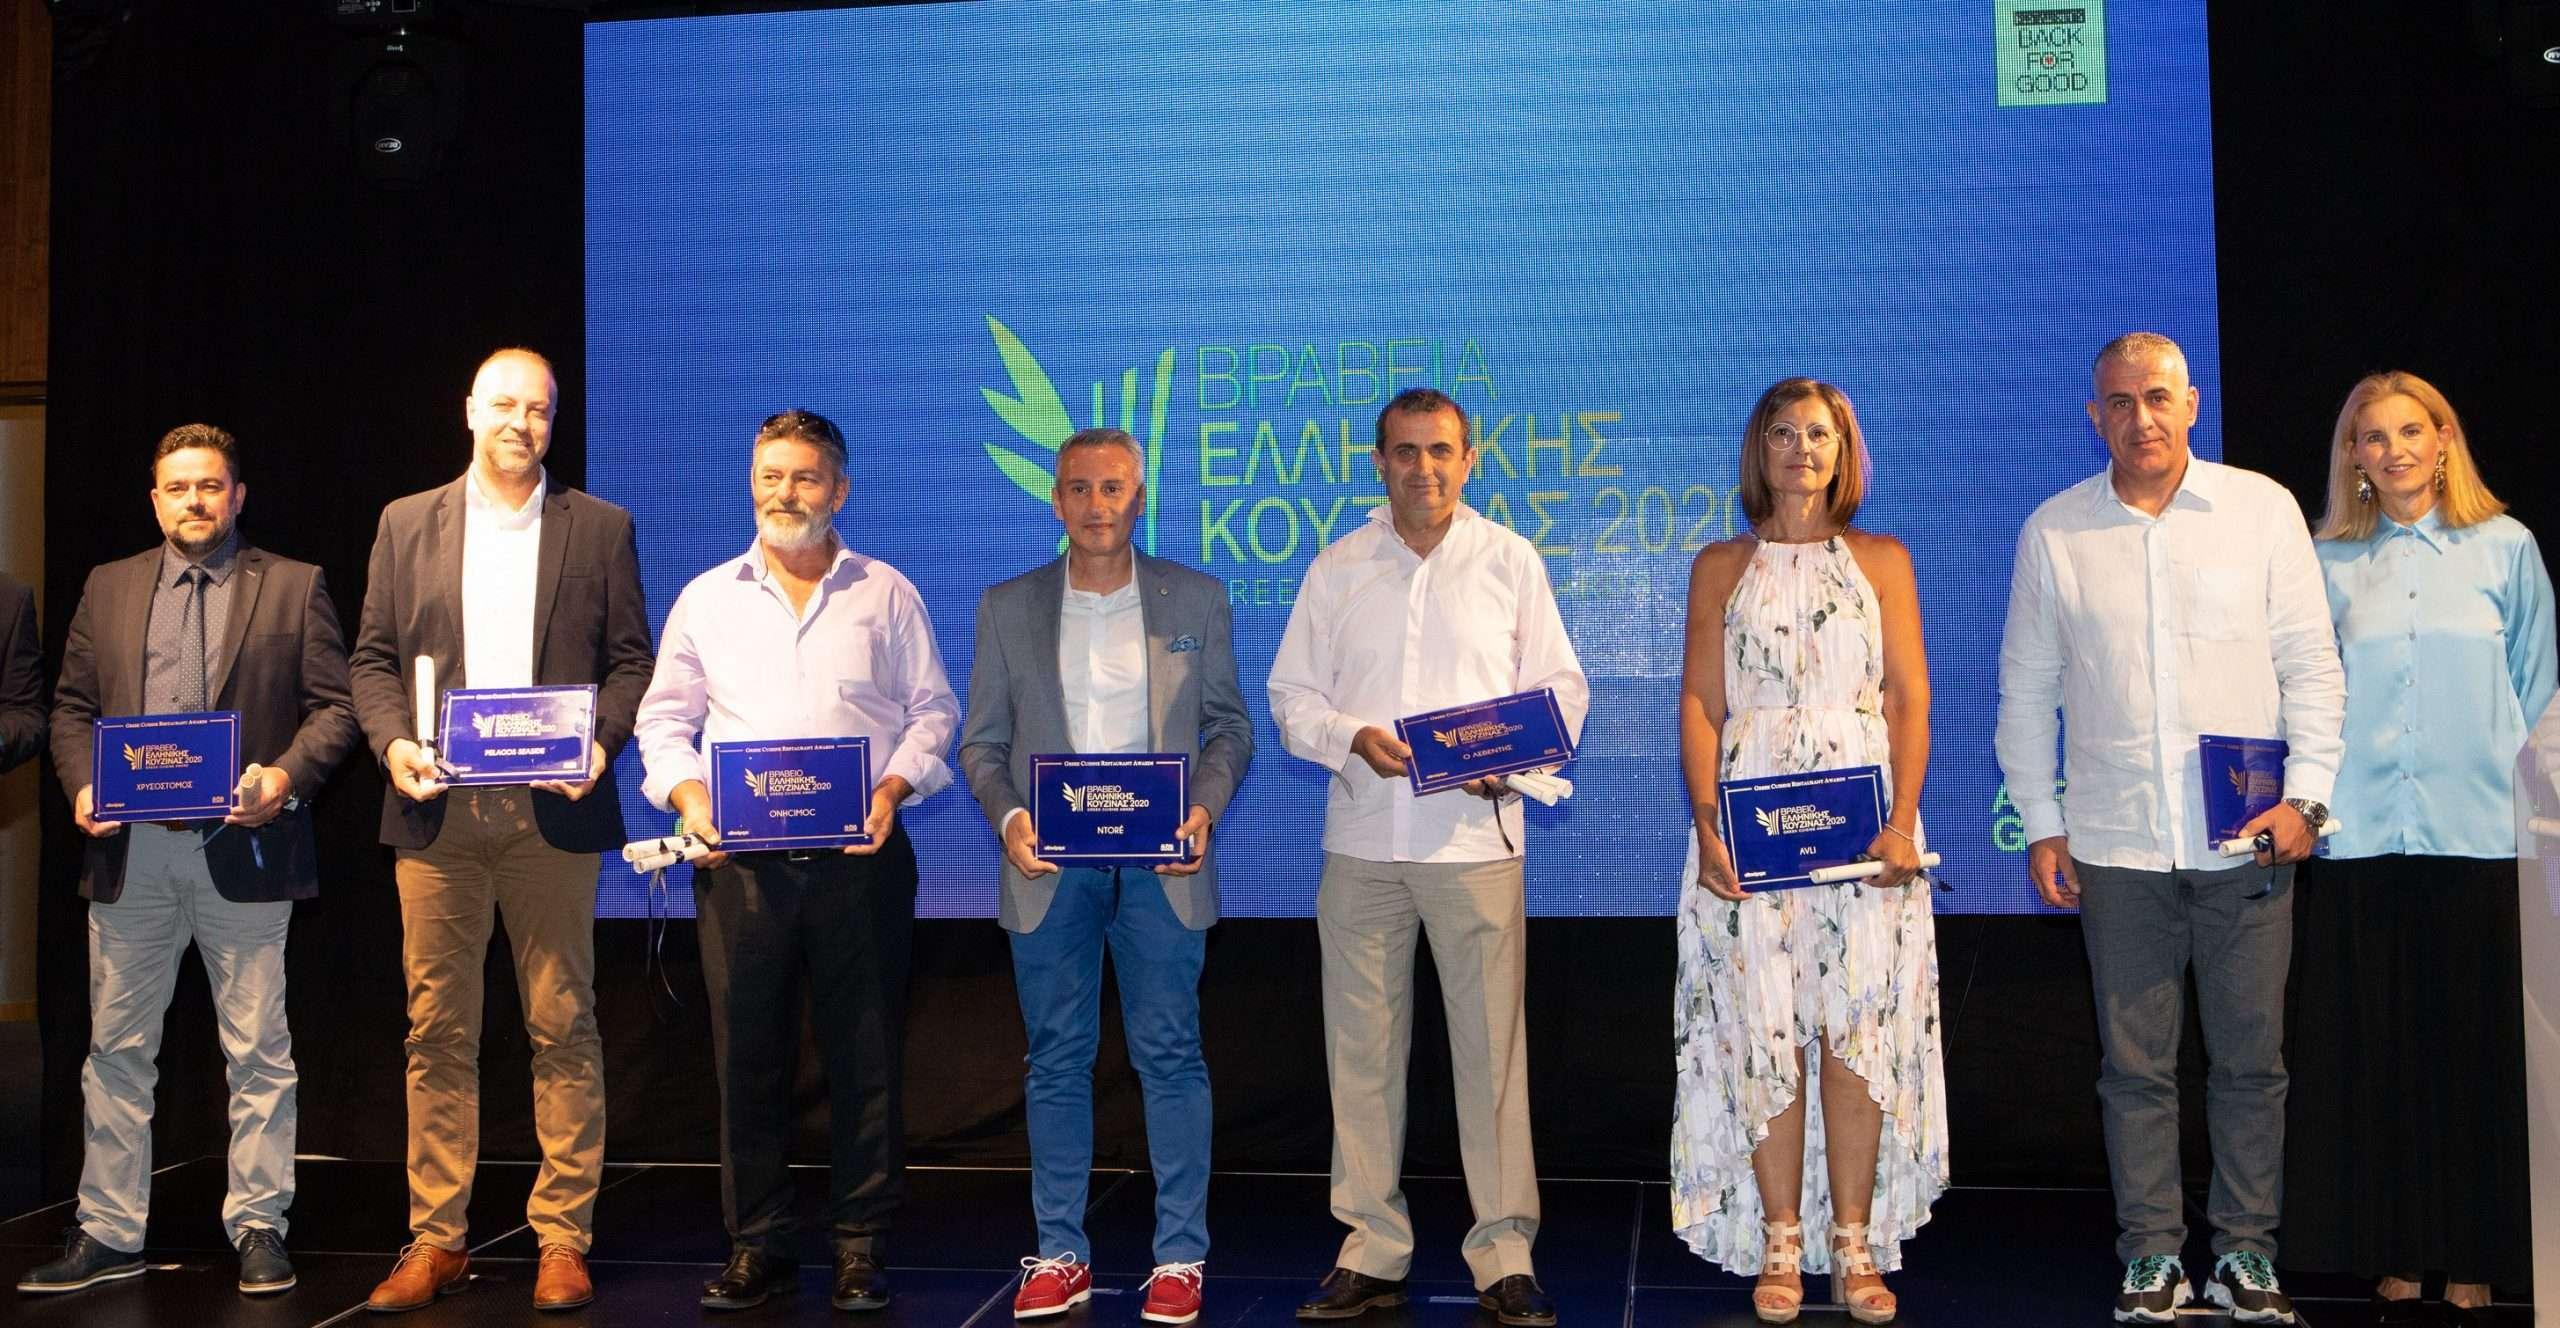 Απονομή βραβείων ελληνικής κουζίνας 2020